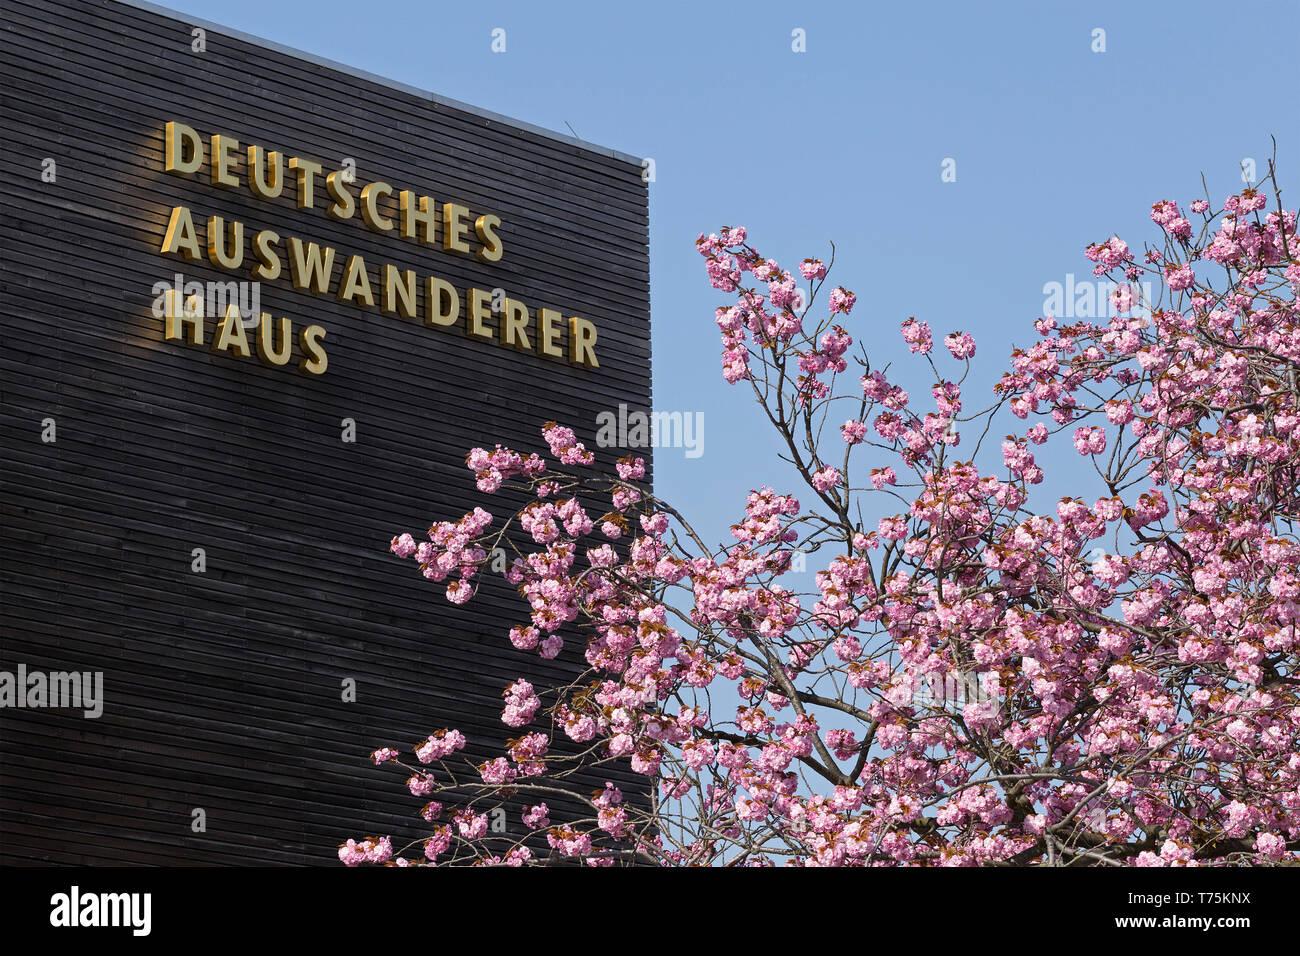 Deutsches Auswanderer Haus (German Emigration Center), Havenwelten, Bremerhaven, Bremen, Germany - Stock Image